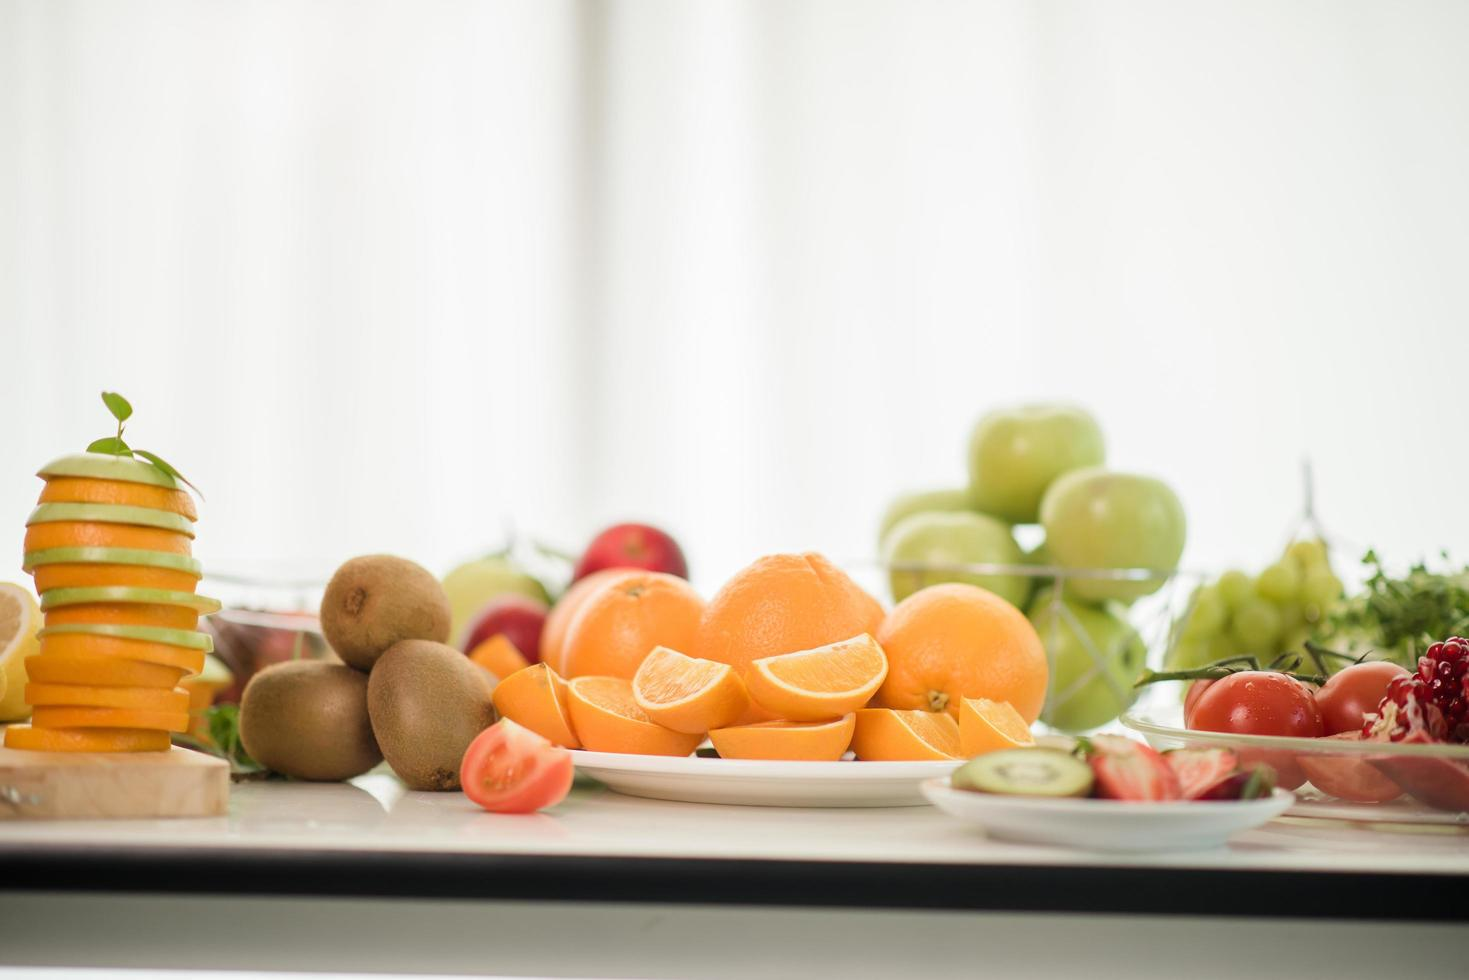 verschiedene frische Früchte foto